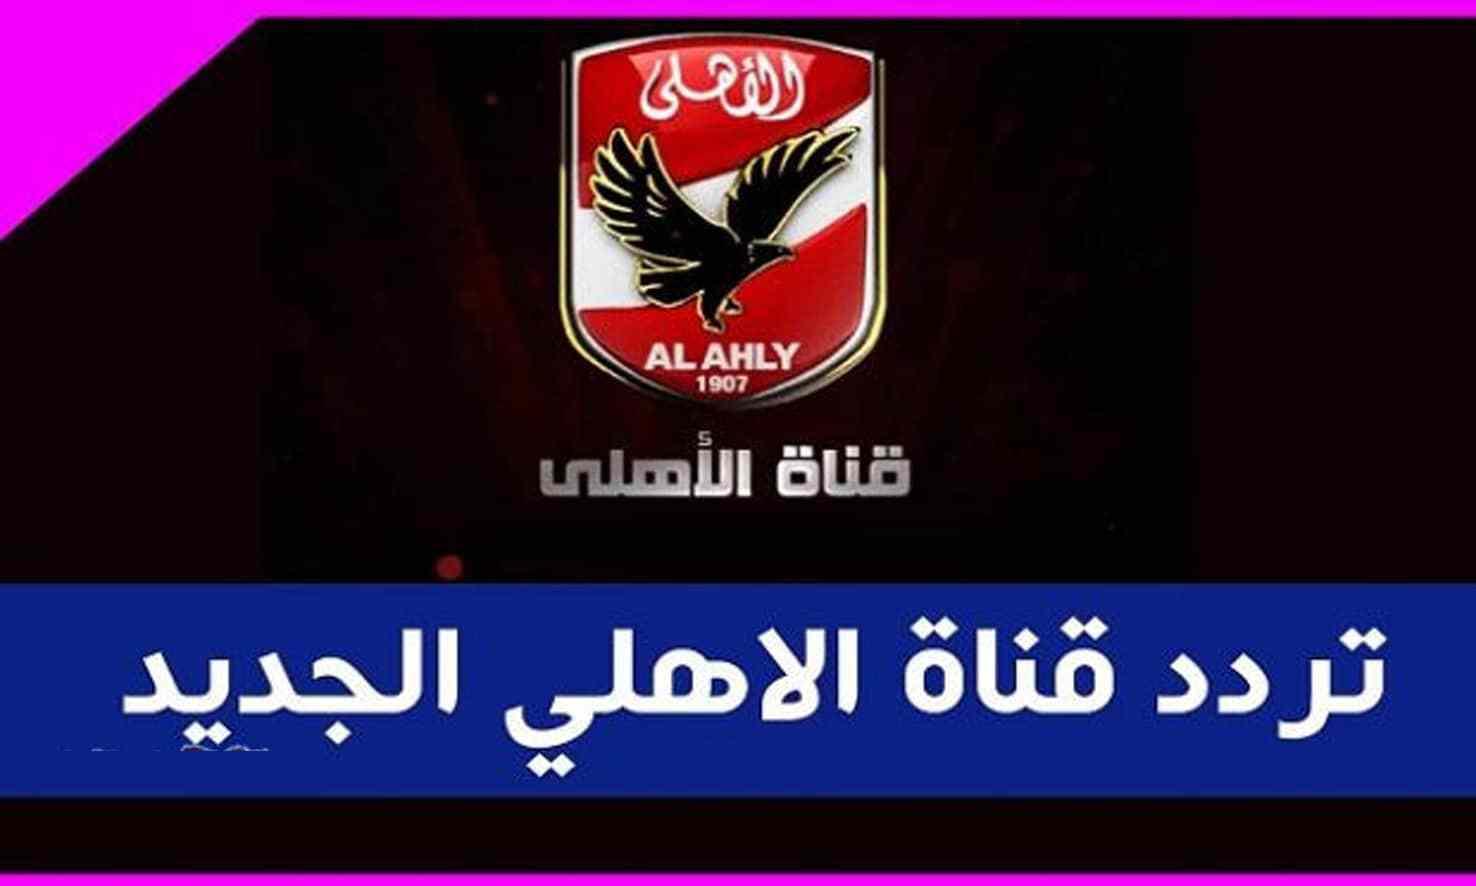 تردد قناة الأهلي AL Ahly 2020 على القمر الصناعي النايل سات